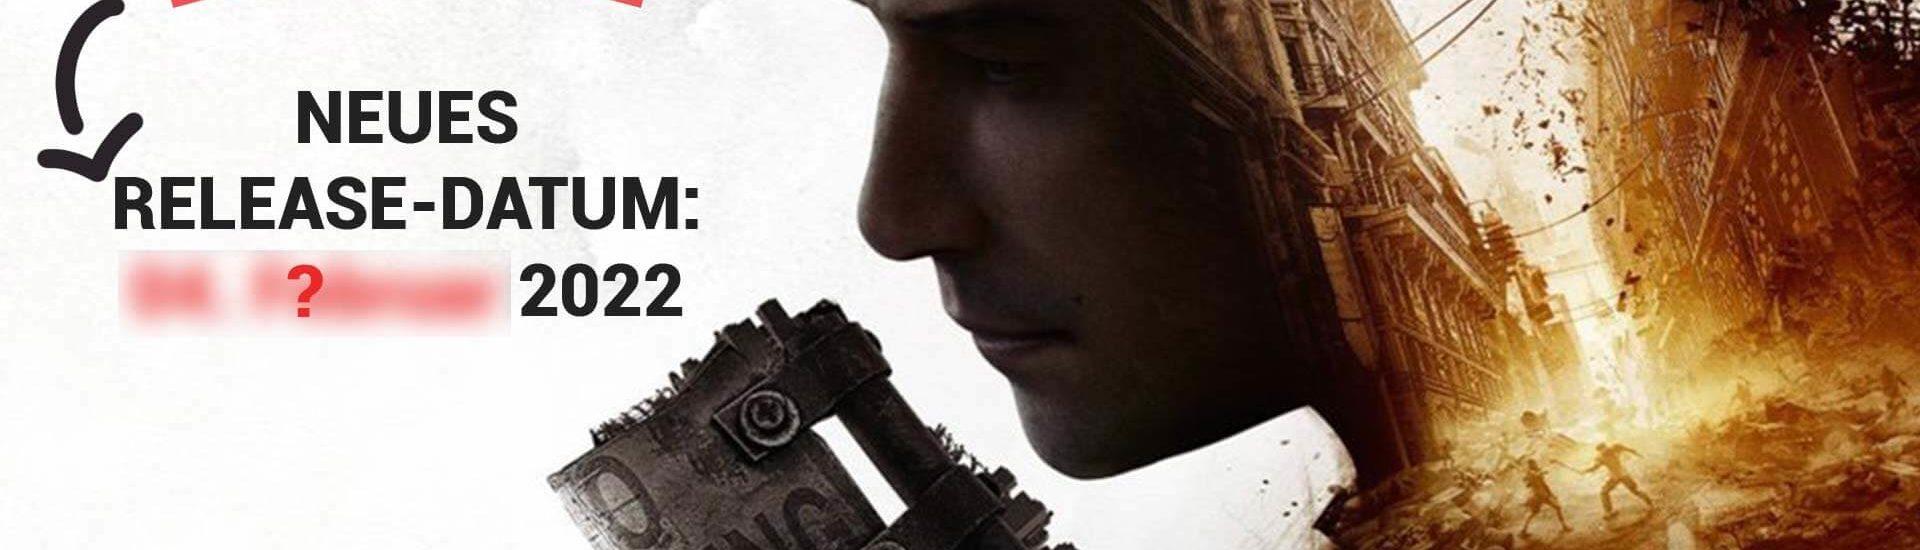 Dying Light 2 erneut verschoben auf Anfang 2022